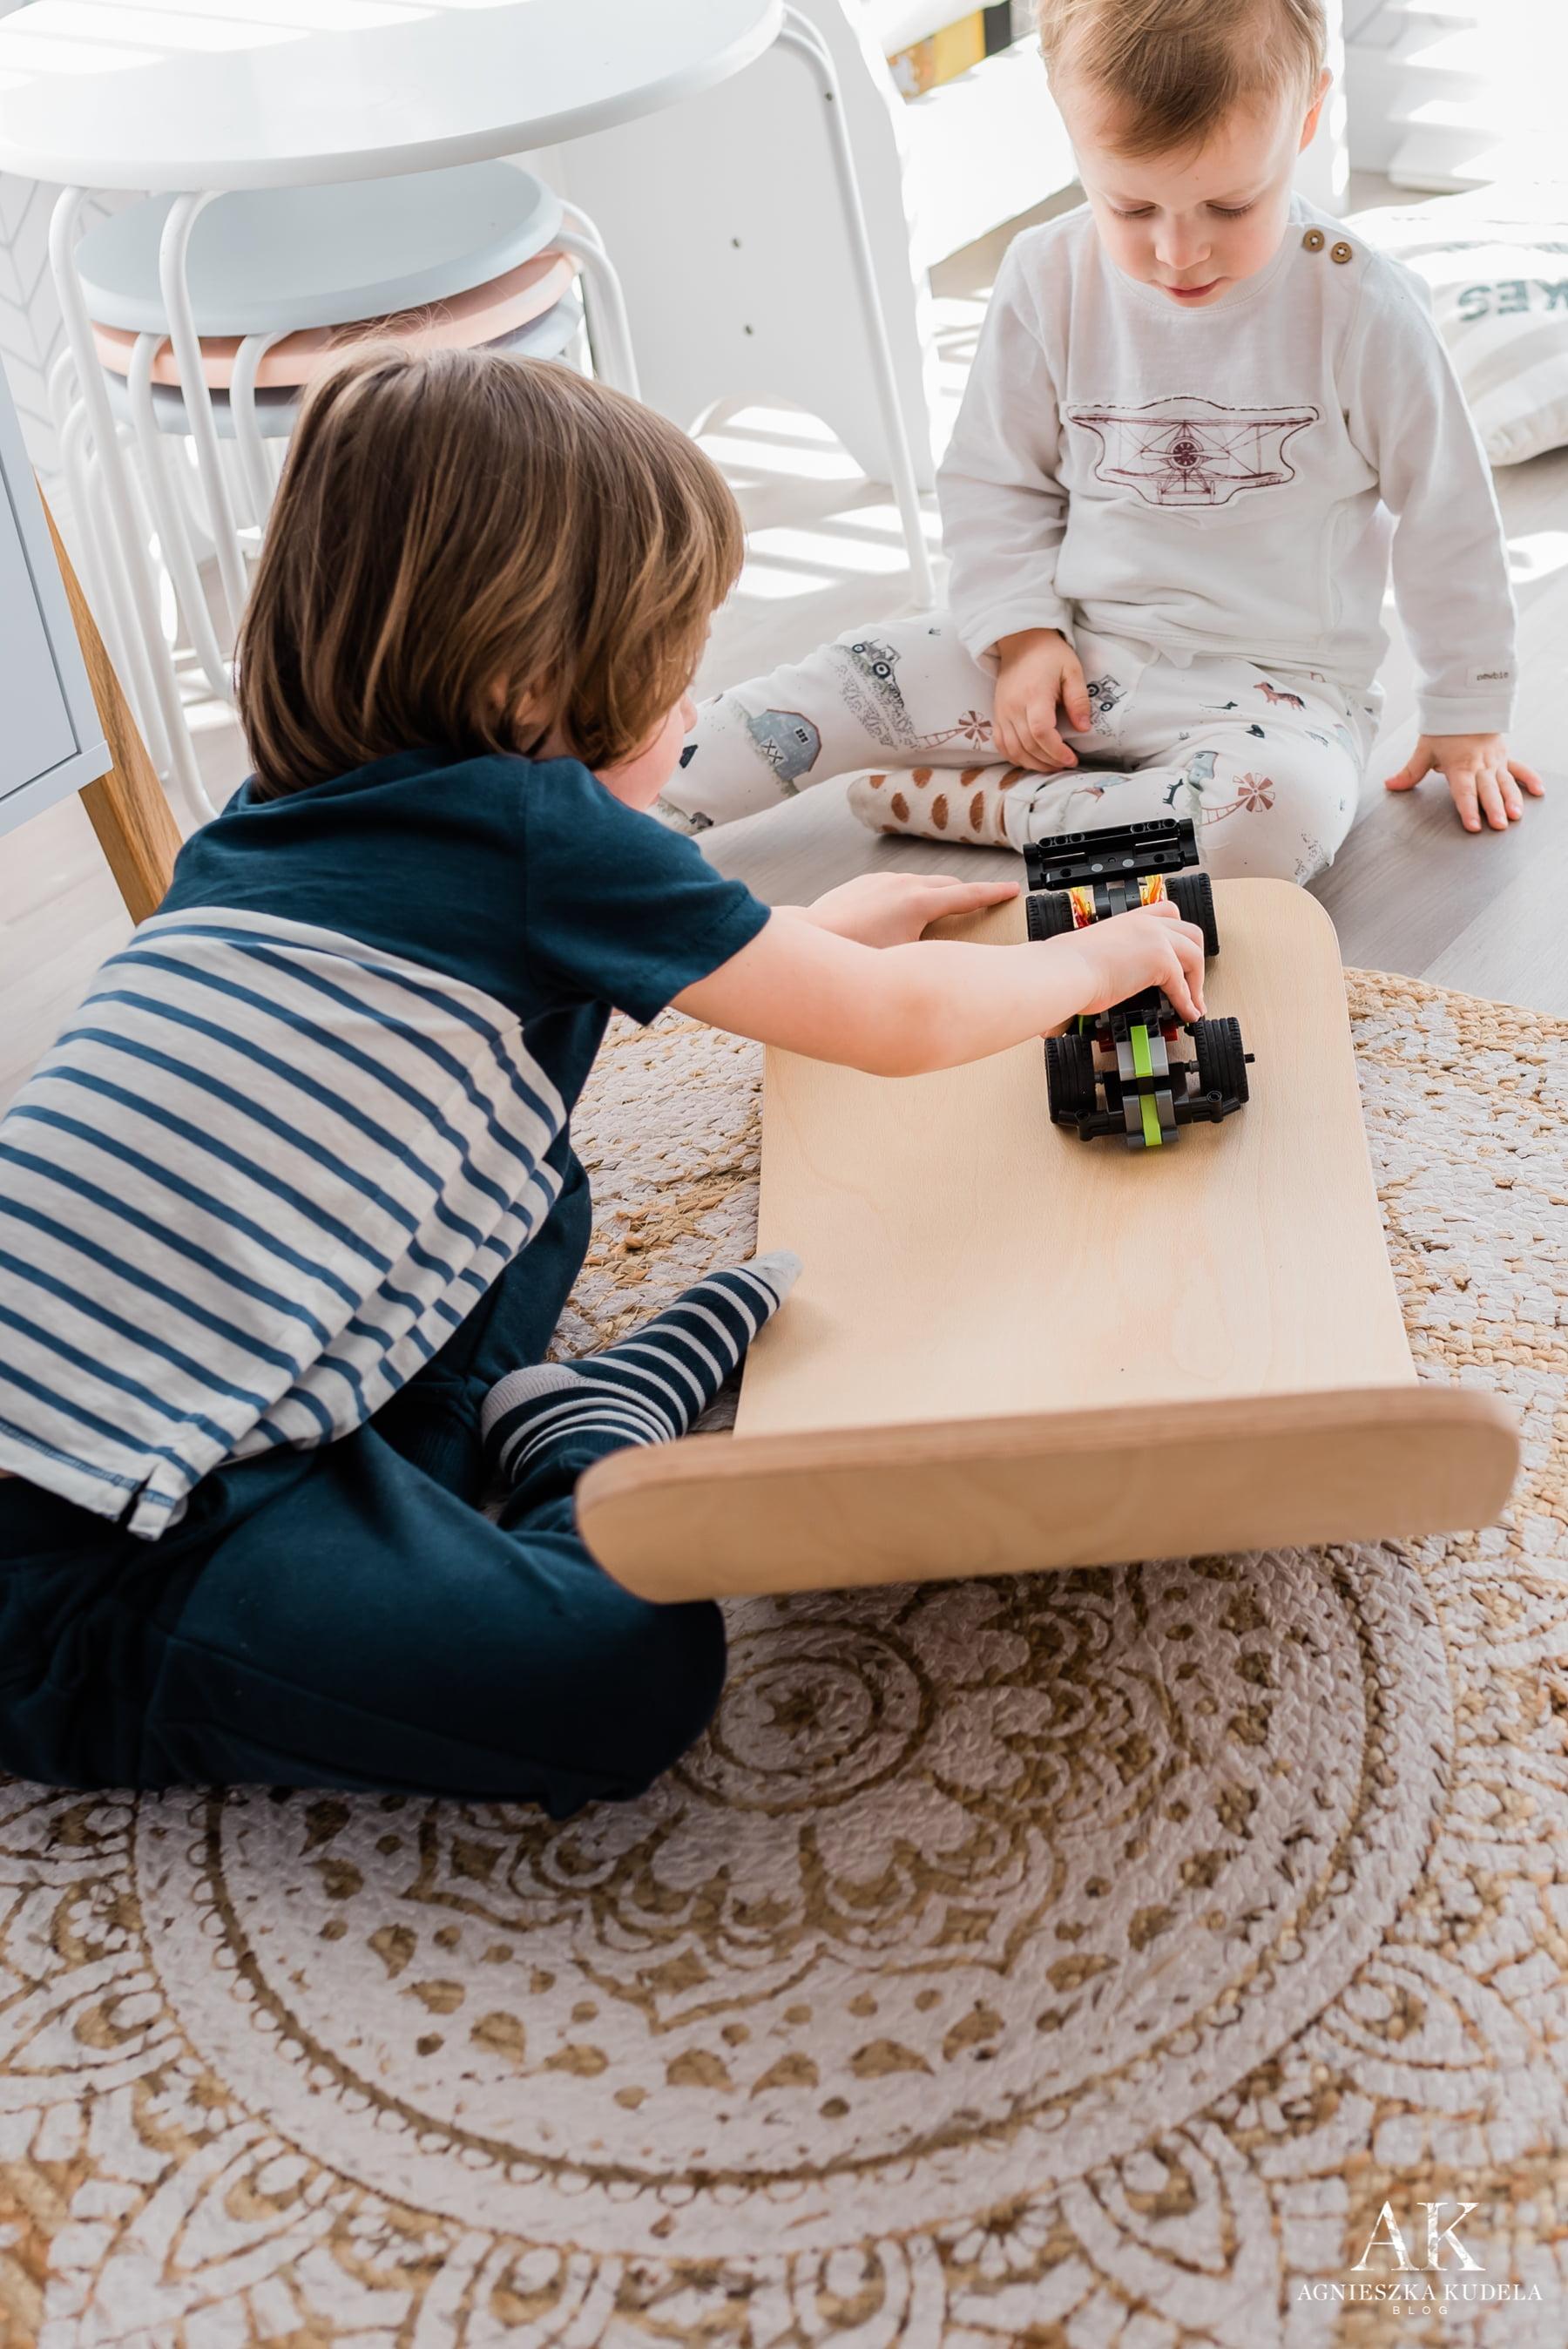 zabawki dla trzylatka jakie najlepsze